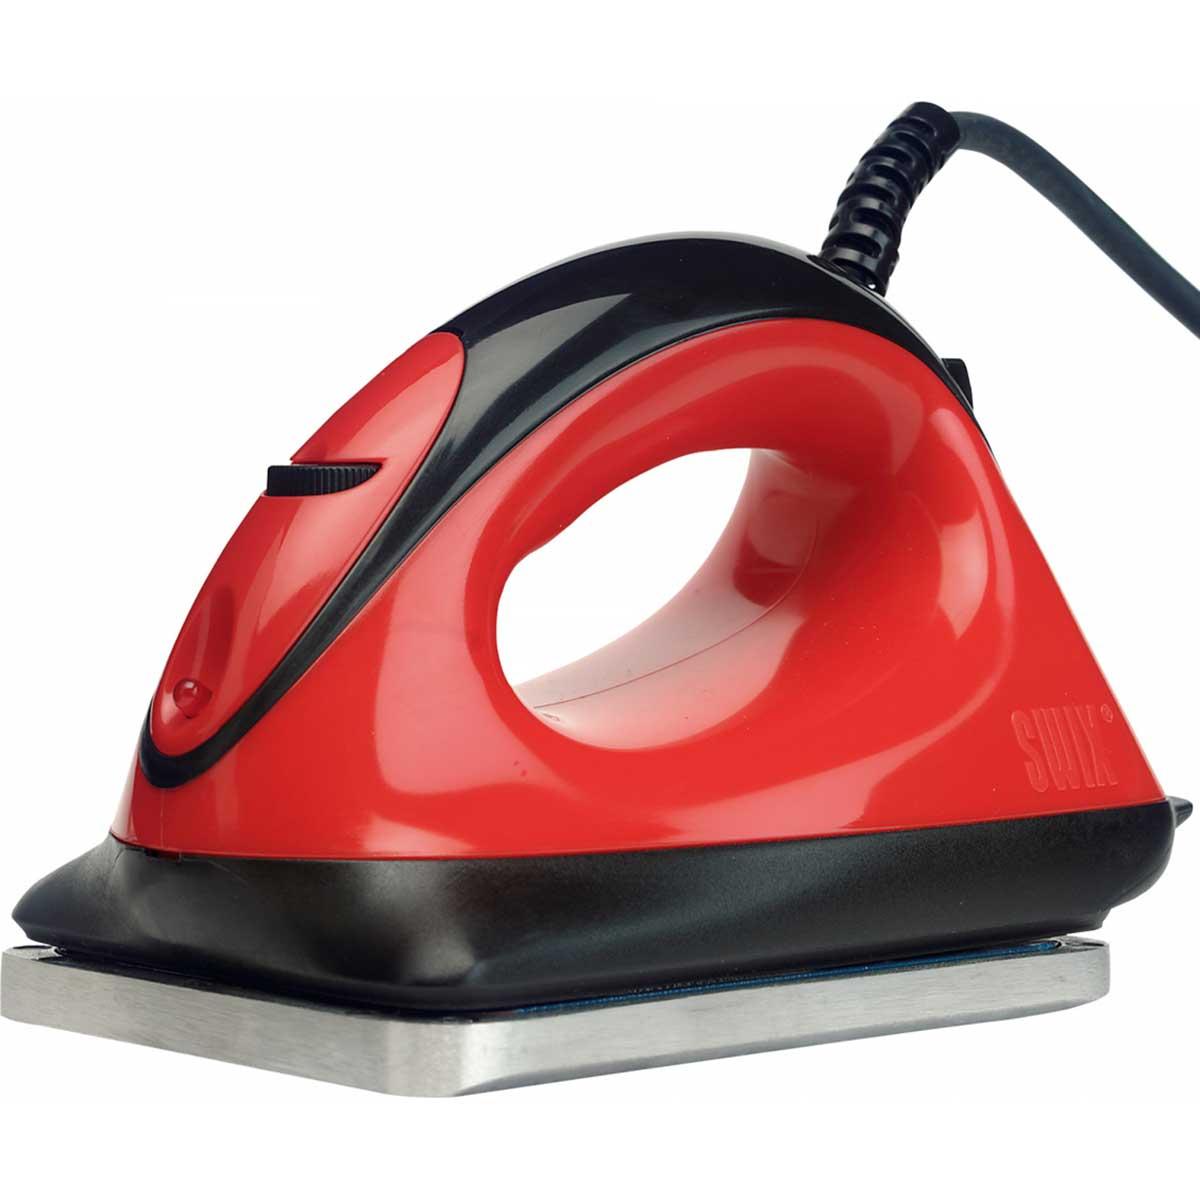 Swix T73 Digital 110v Waxing Iron